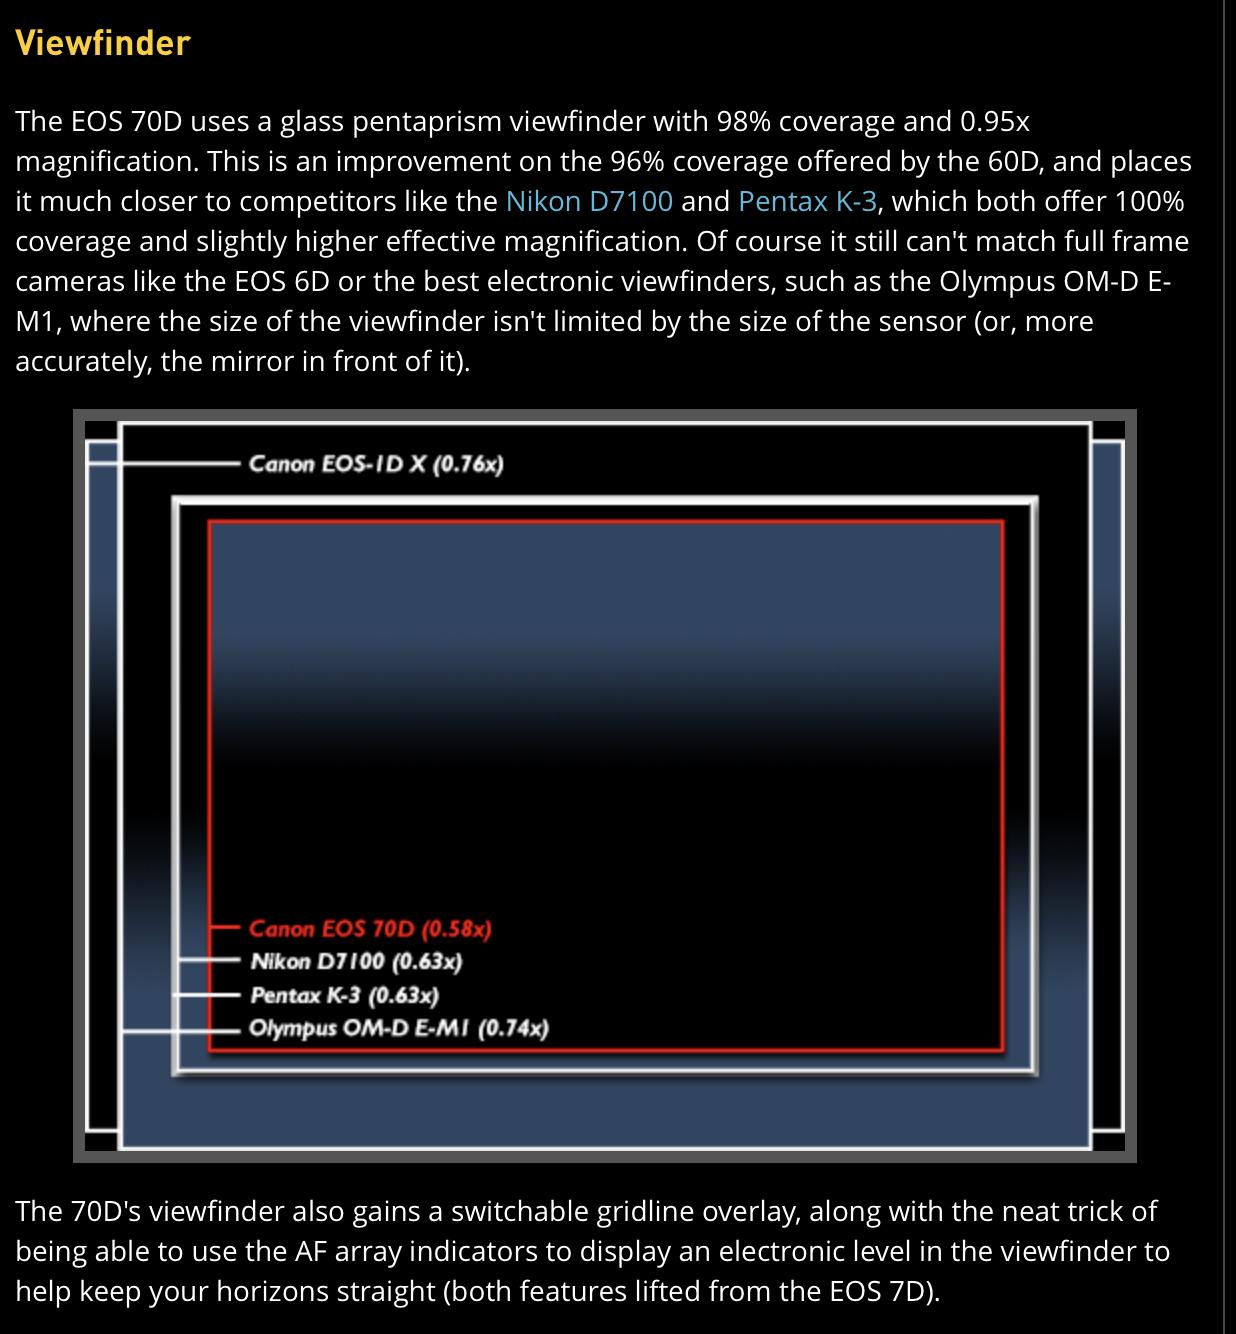 EF4AF7B9-EB97-422A-952B-661EA63B1601.jpeg